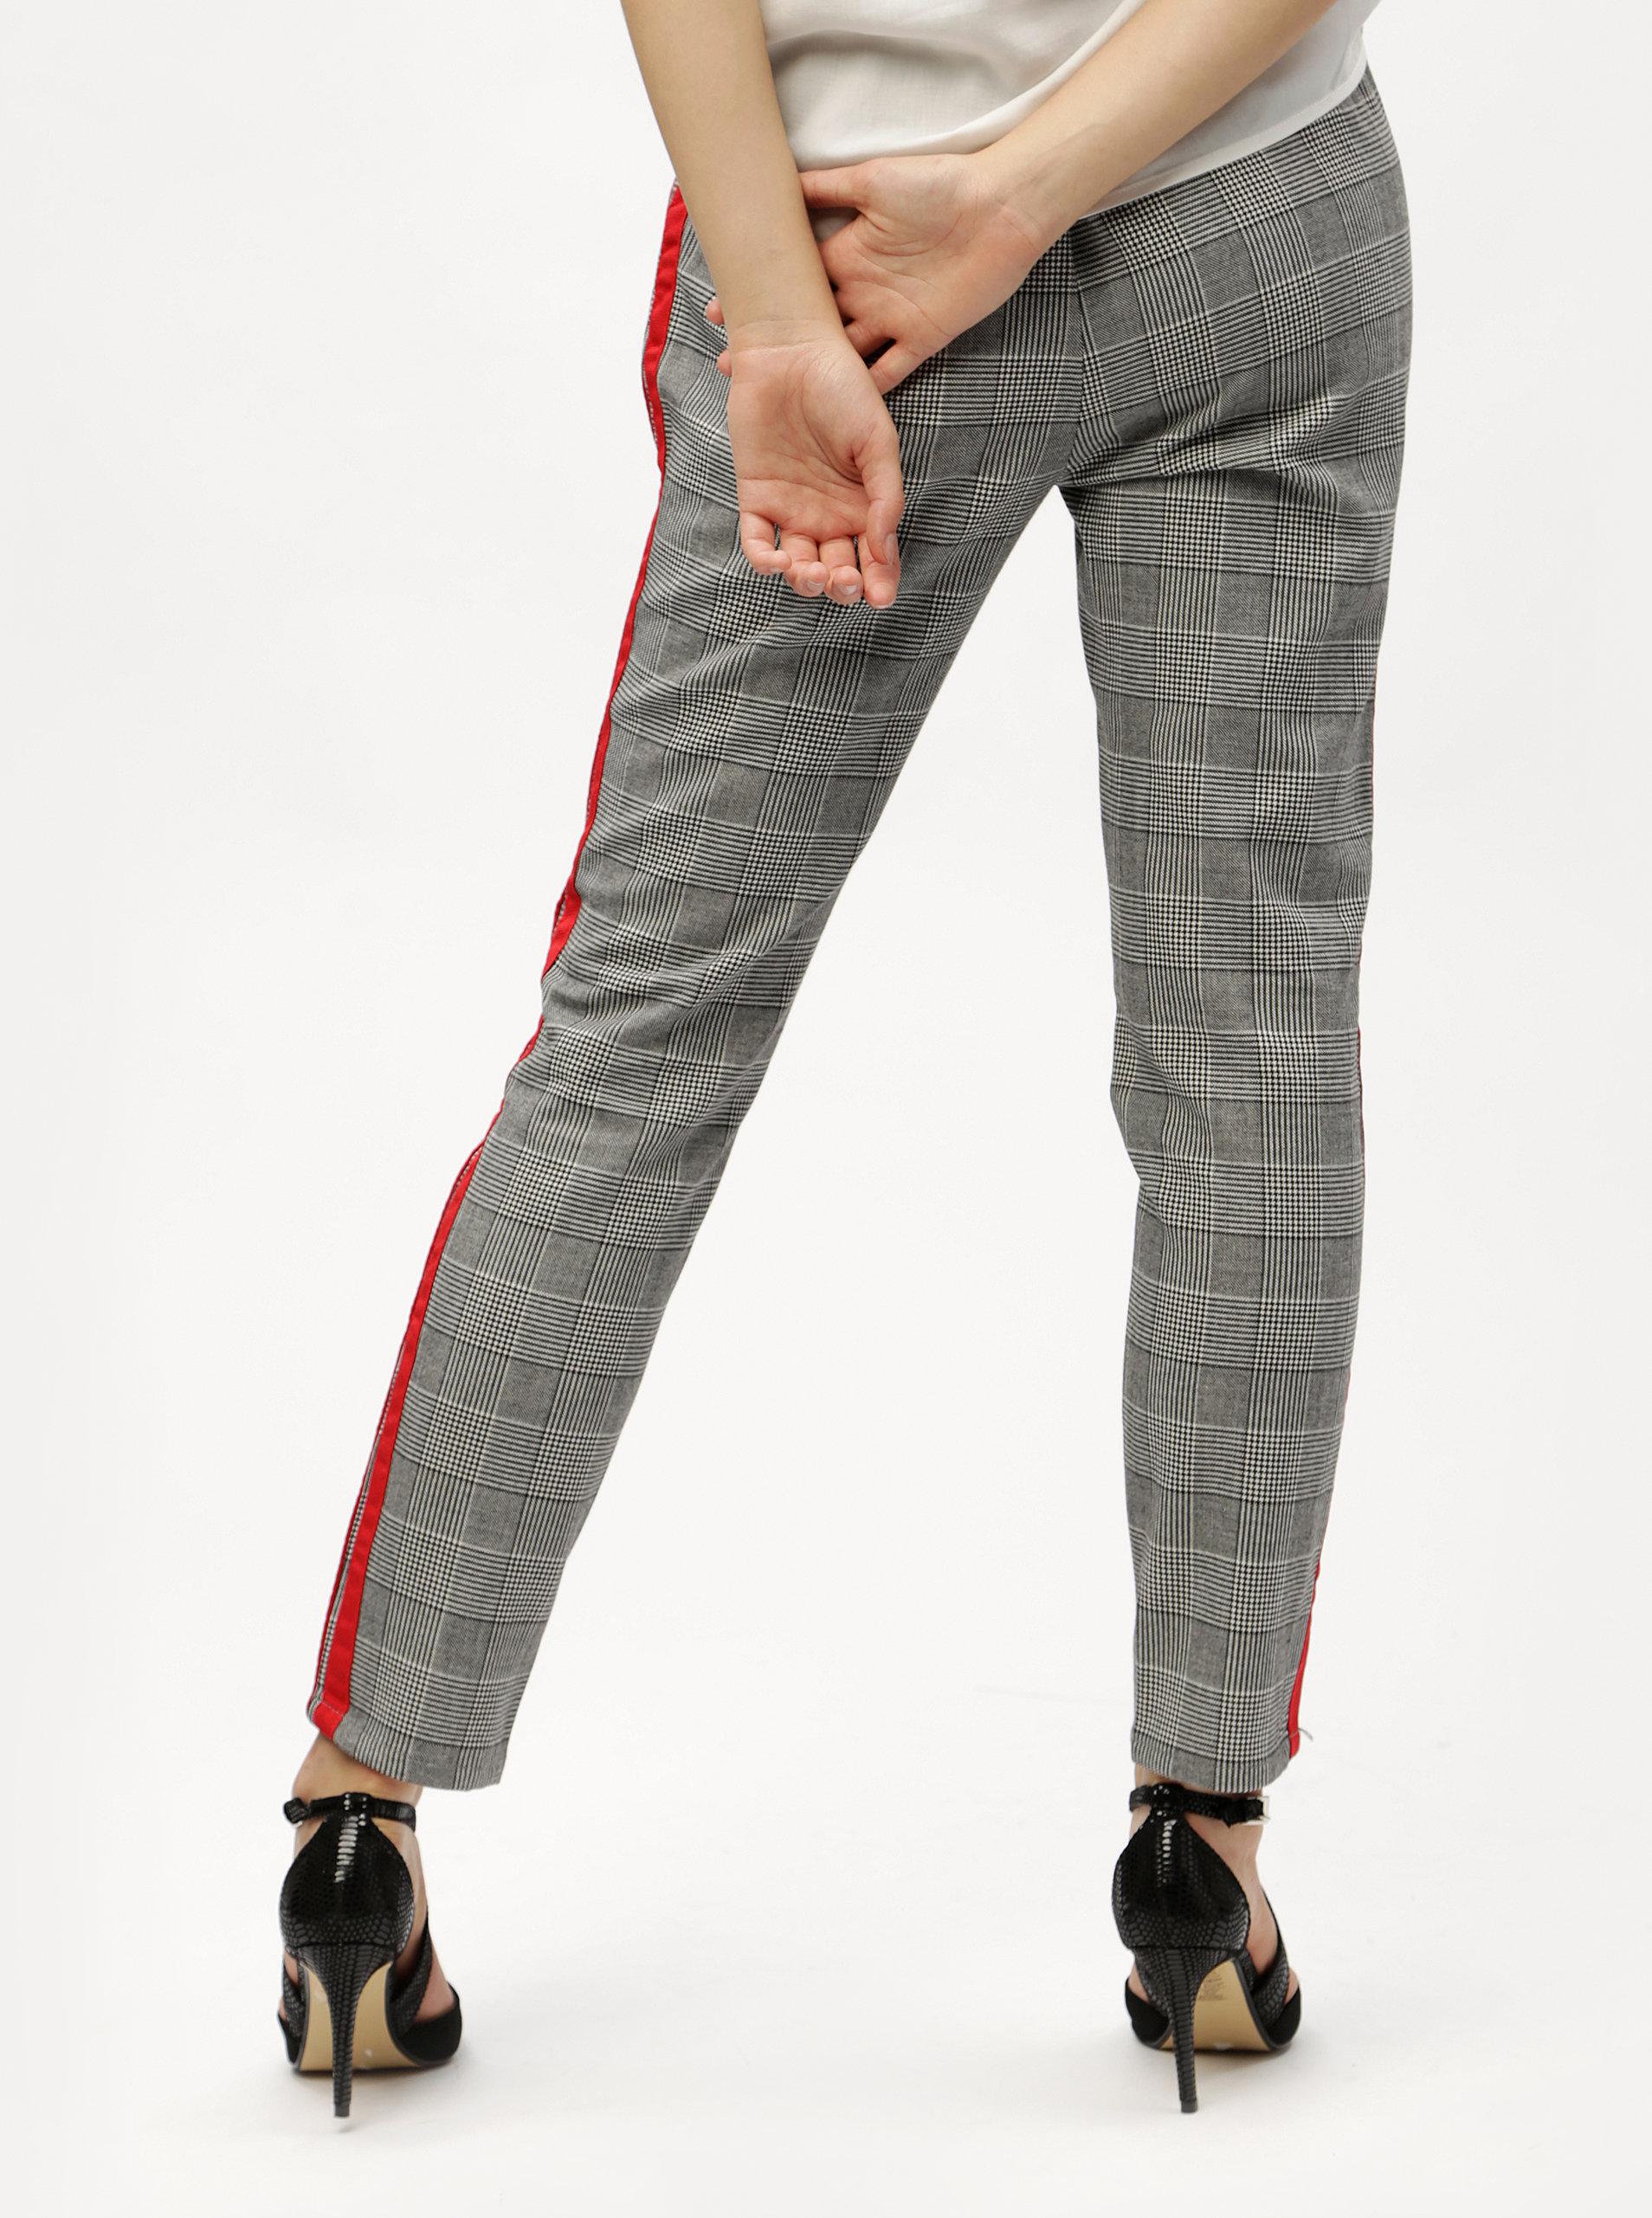 Šedé kostkované kalhoty s červenými pruhy a vysokým pasem VERO MODA Eva ... 73f41d9d5d